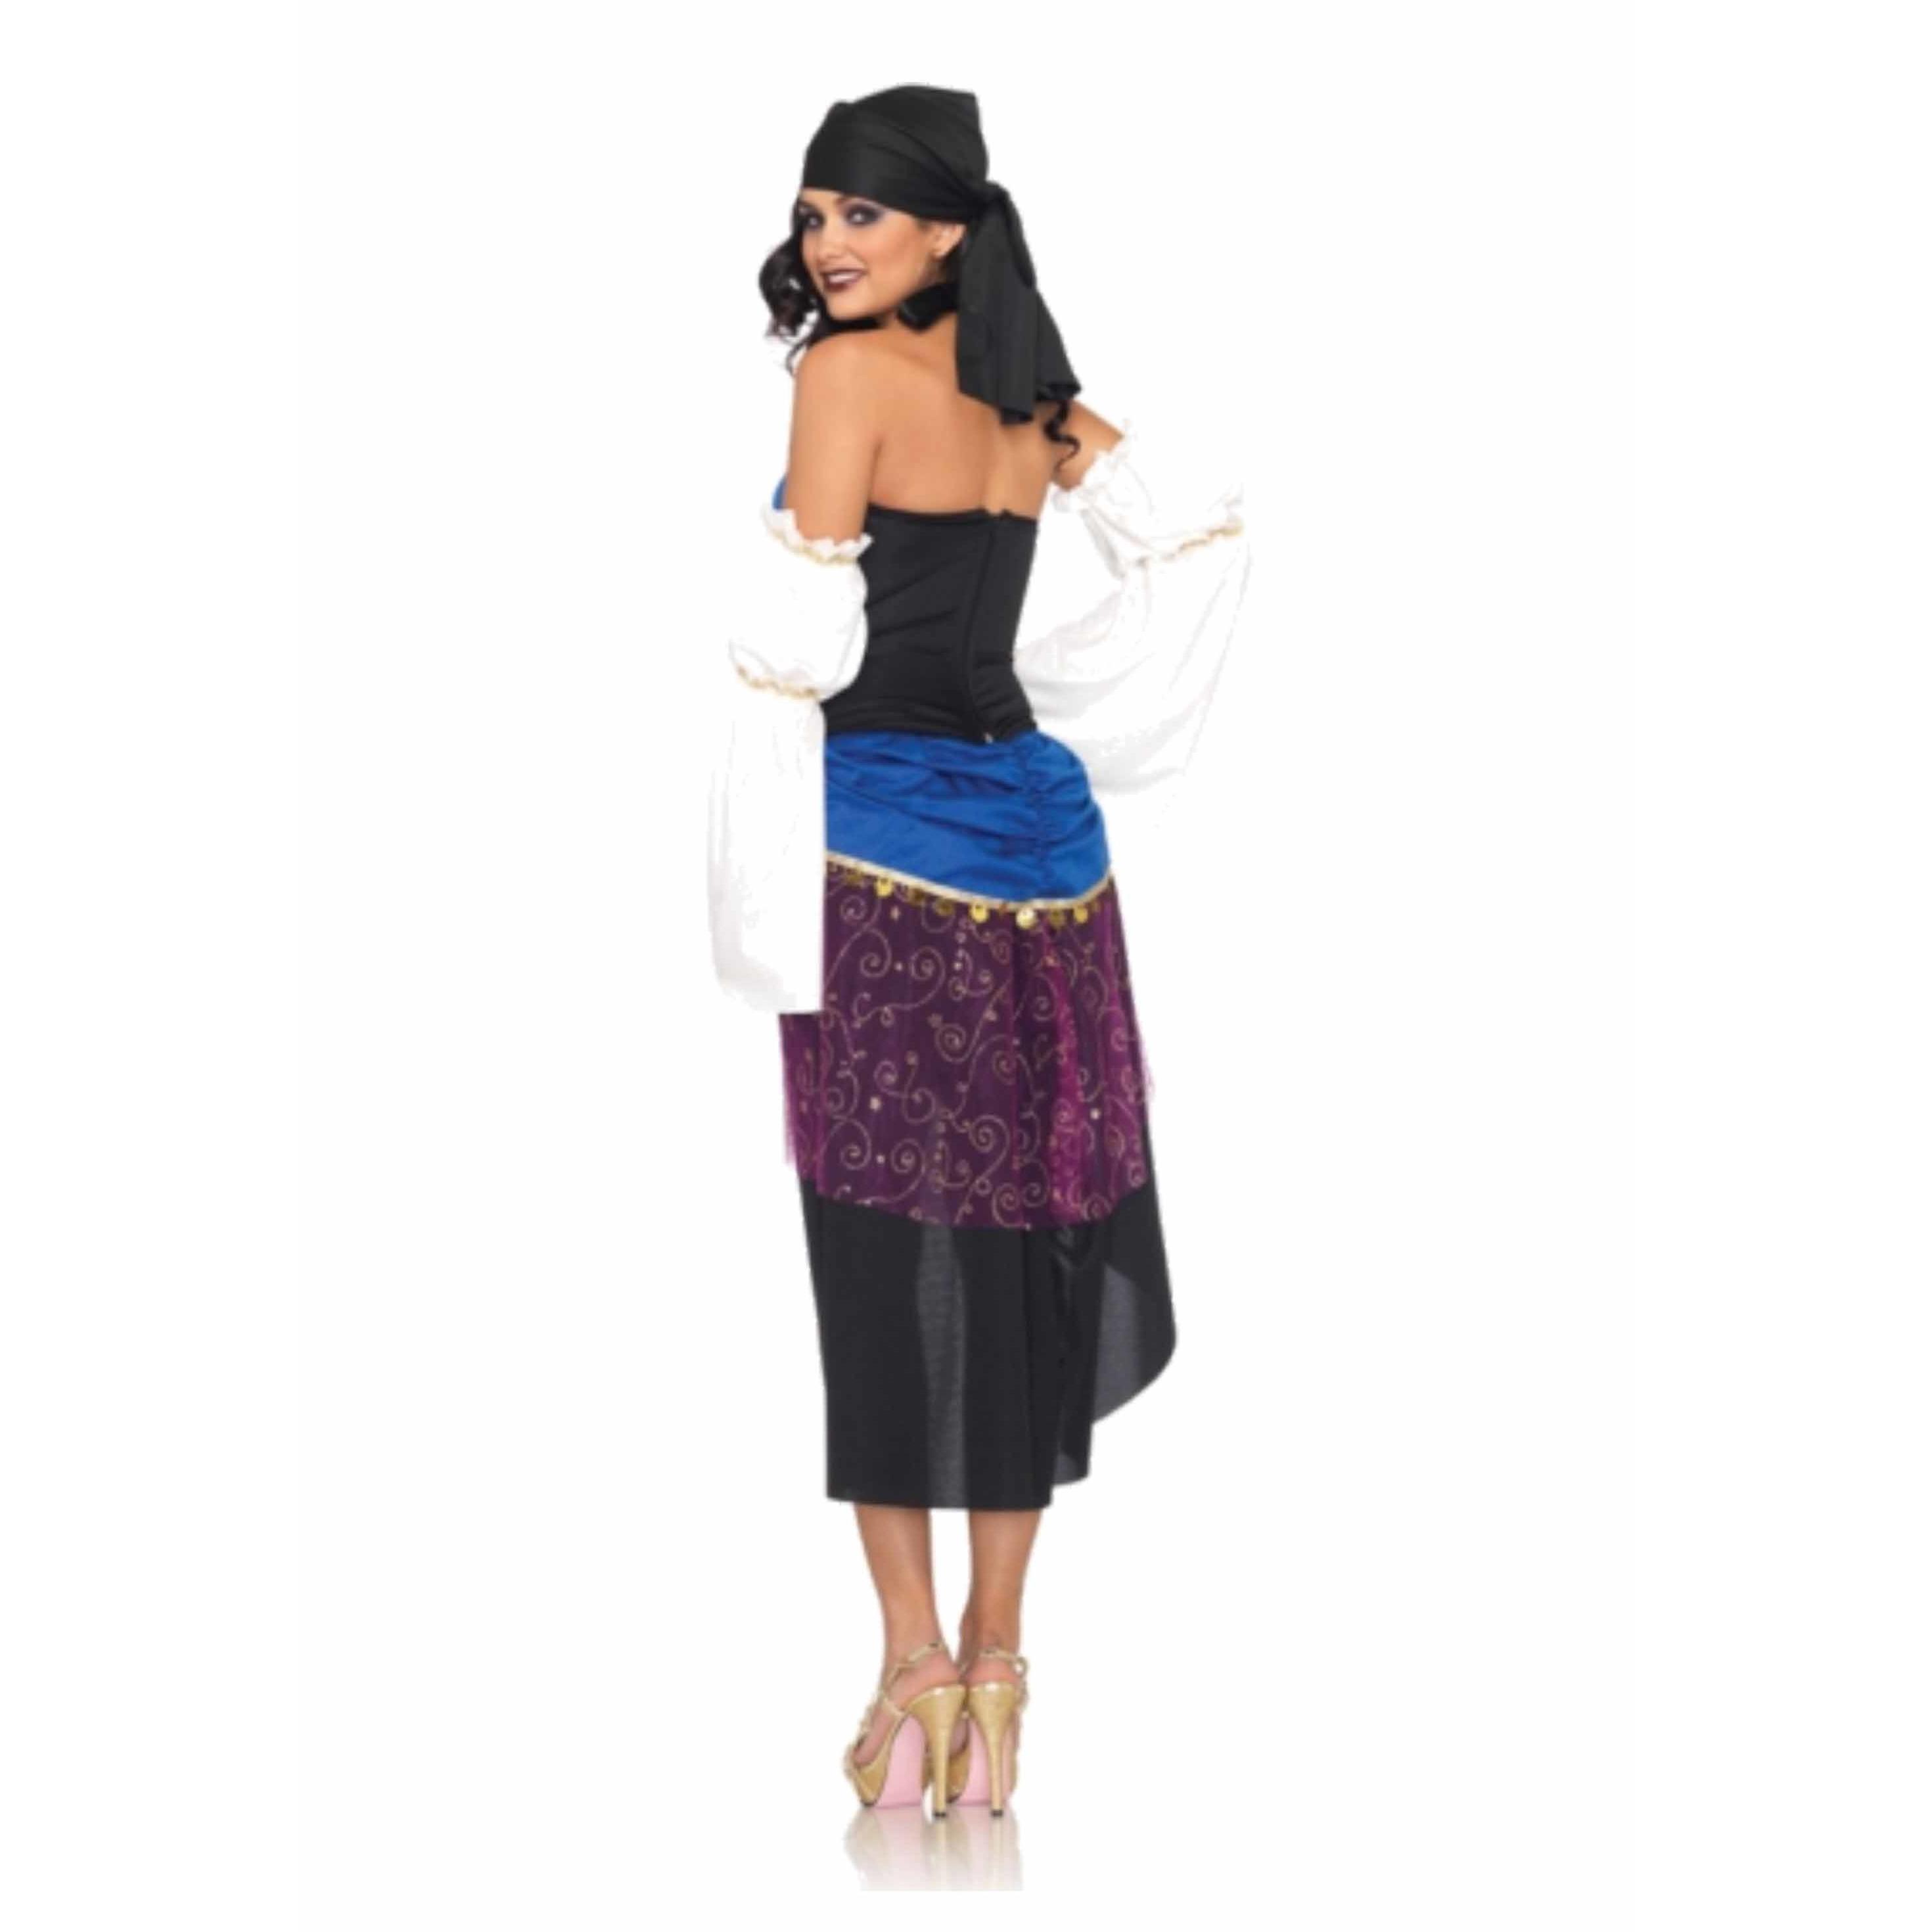 Carnaval gypsy kostuum voor dames